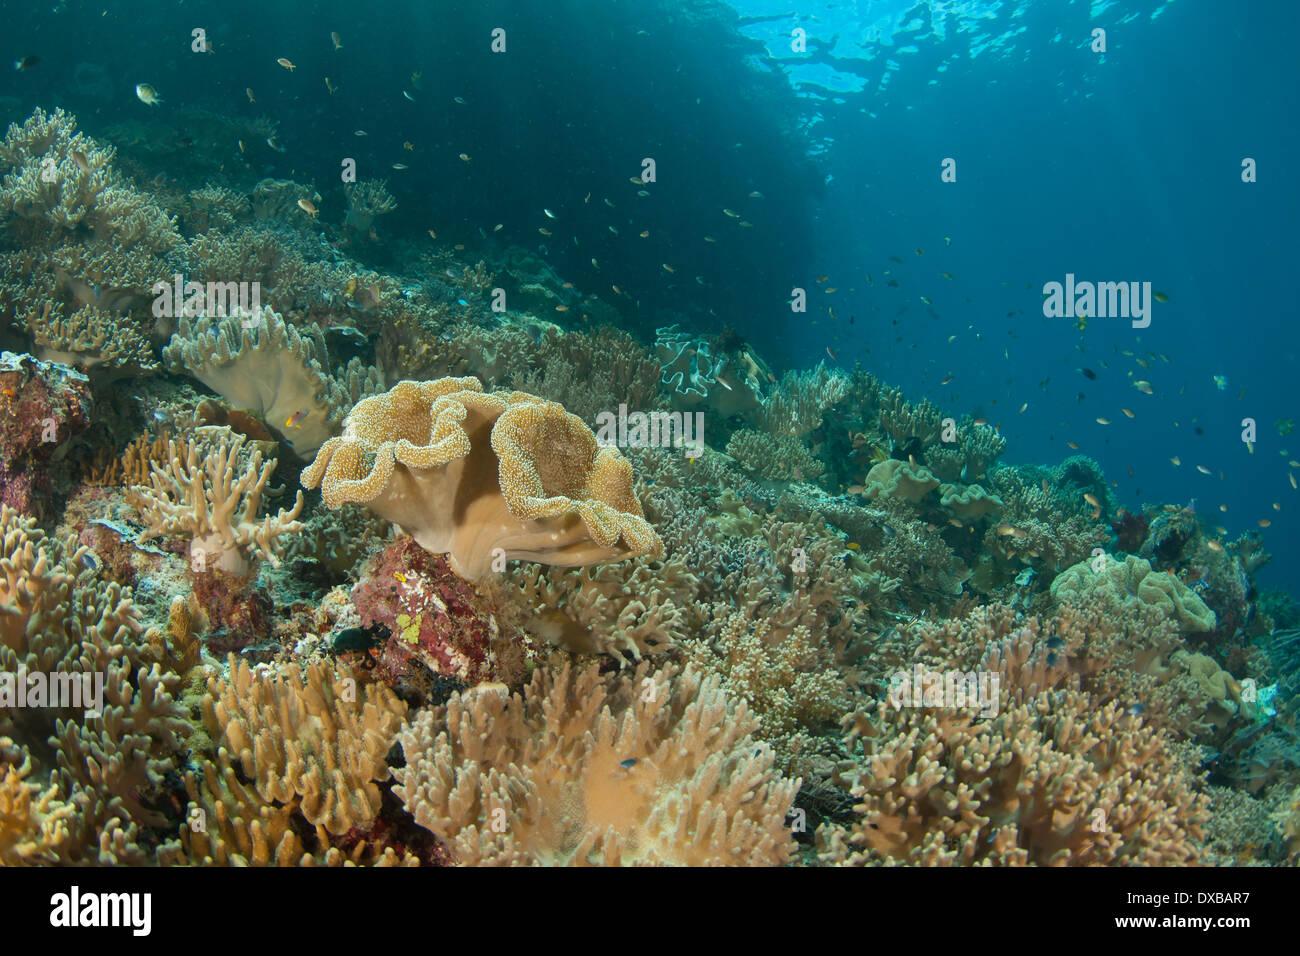 Coral reef, Penemu Reef dive site, Fam Island, Raja Ampat, Indonesia - Stock Image